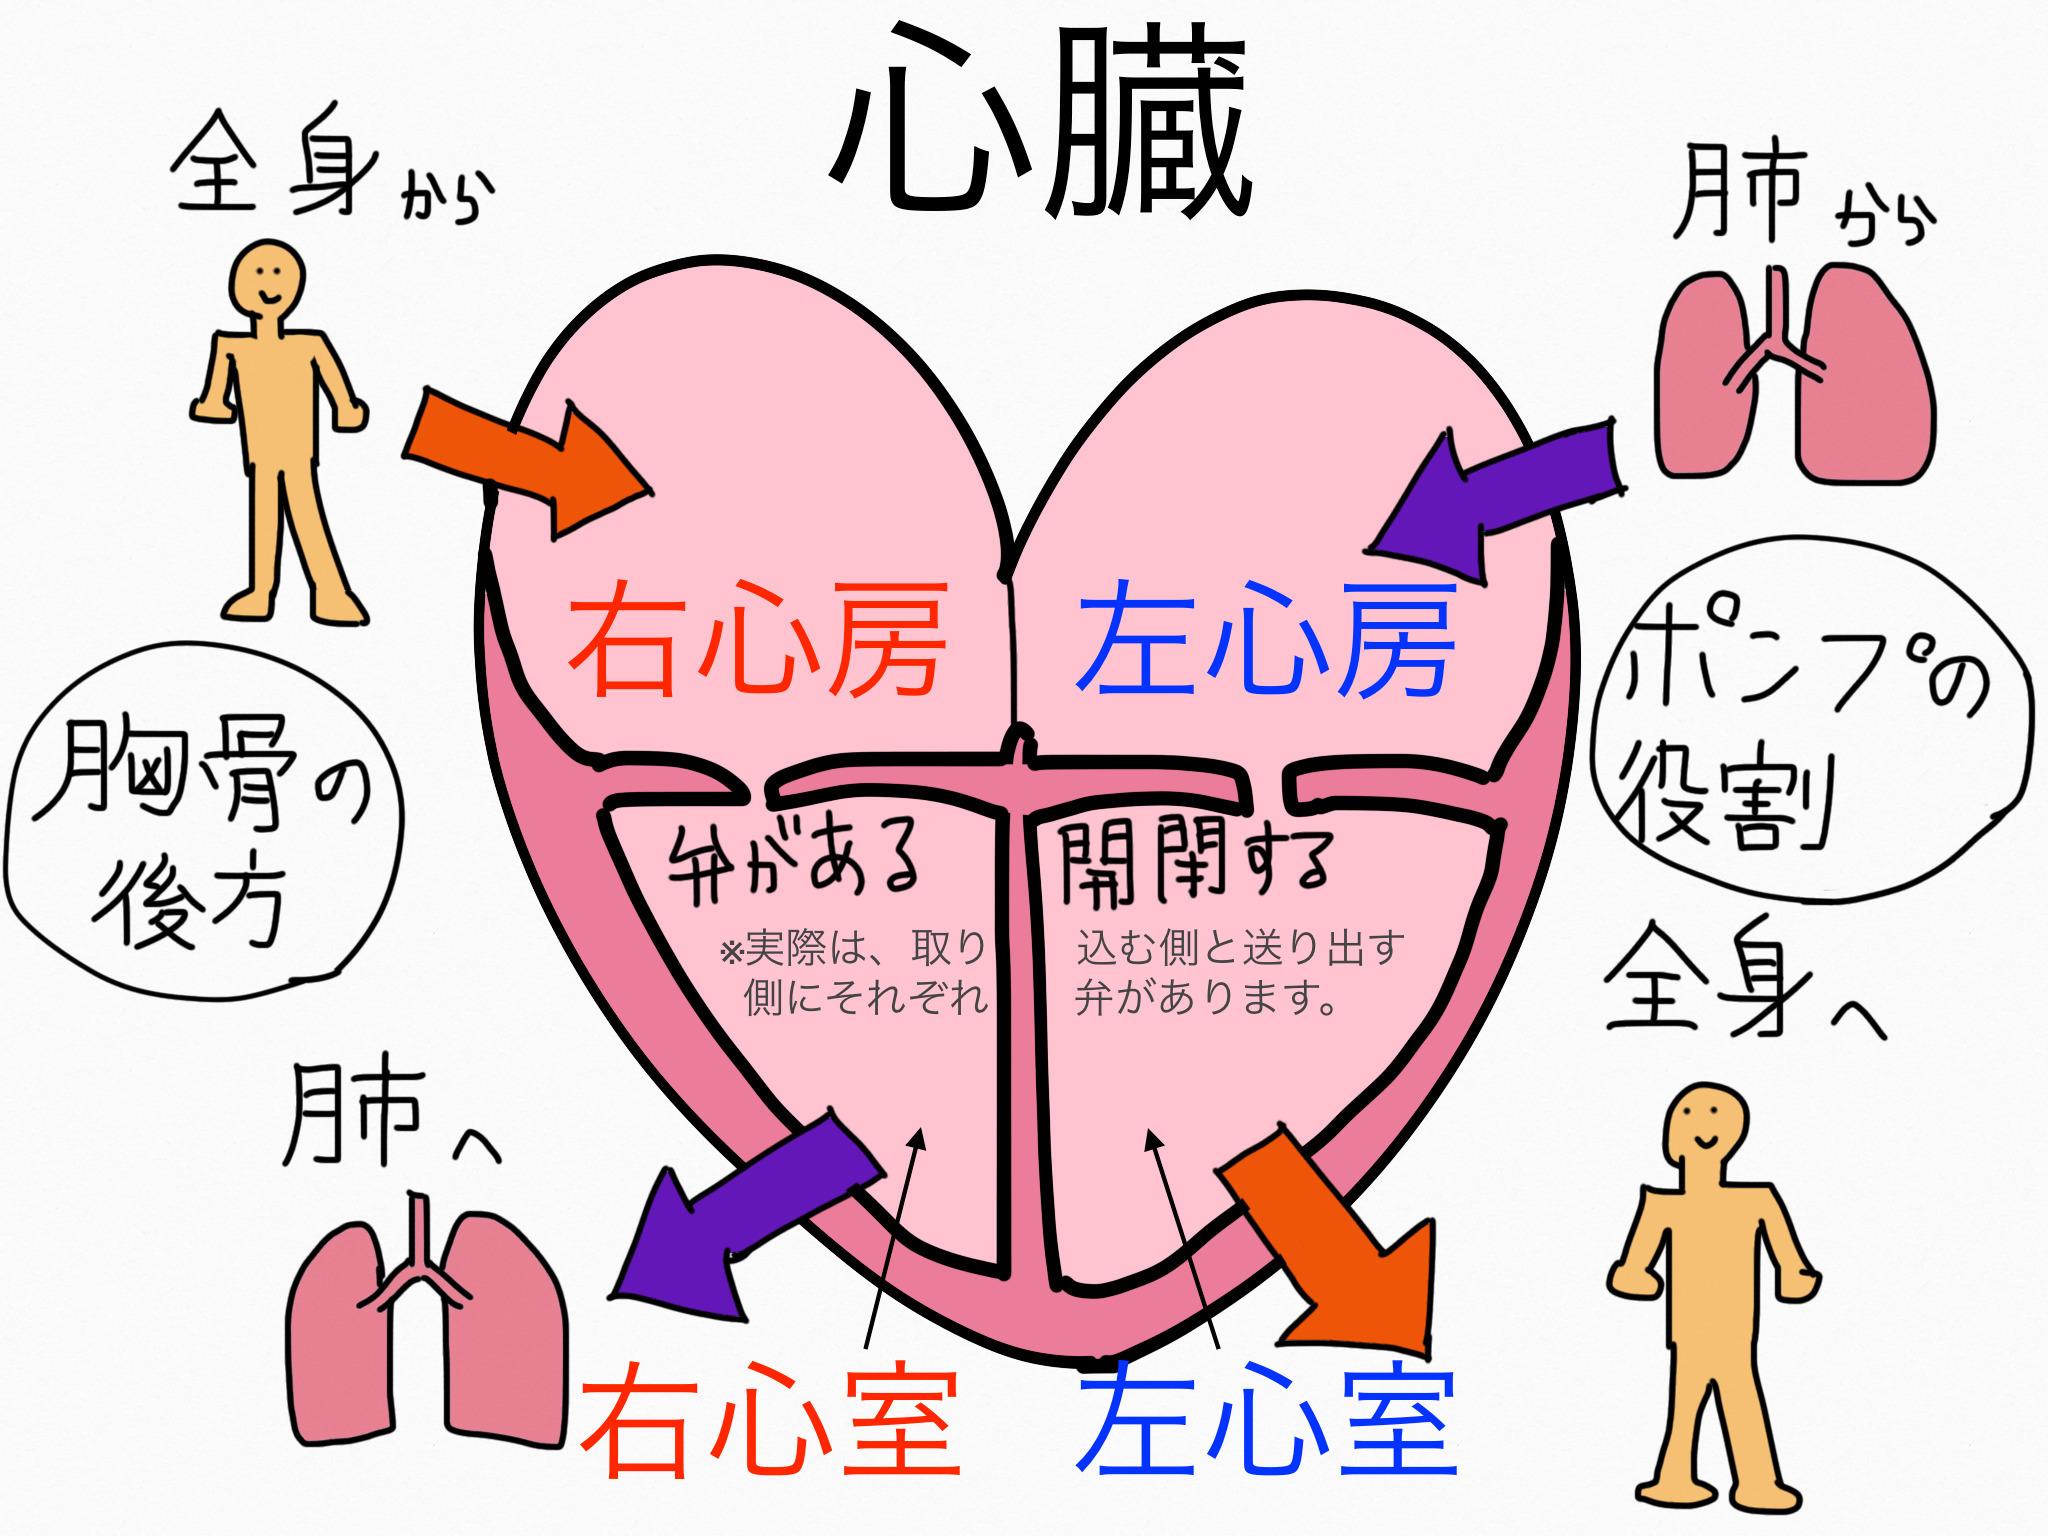 循環器系/心臓【第2章の覚え方】